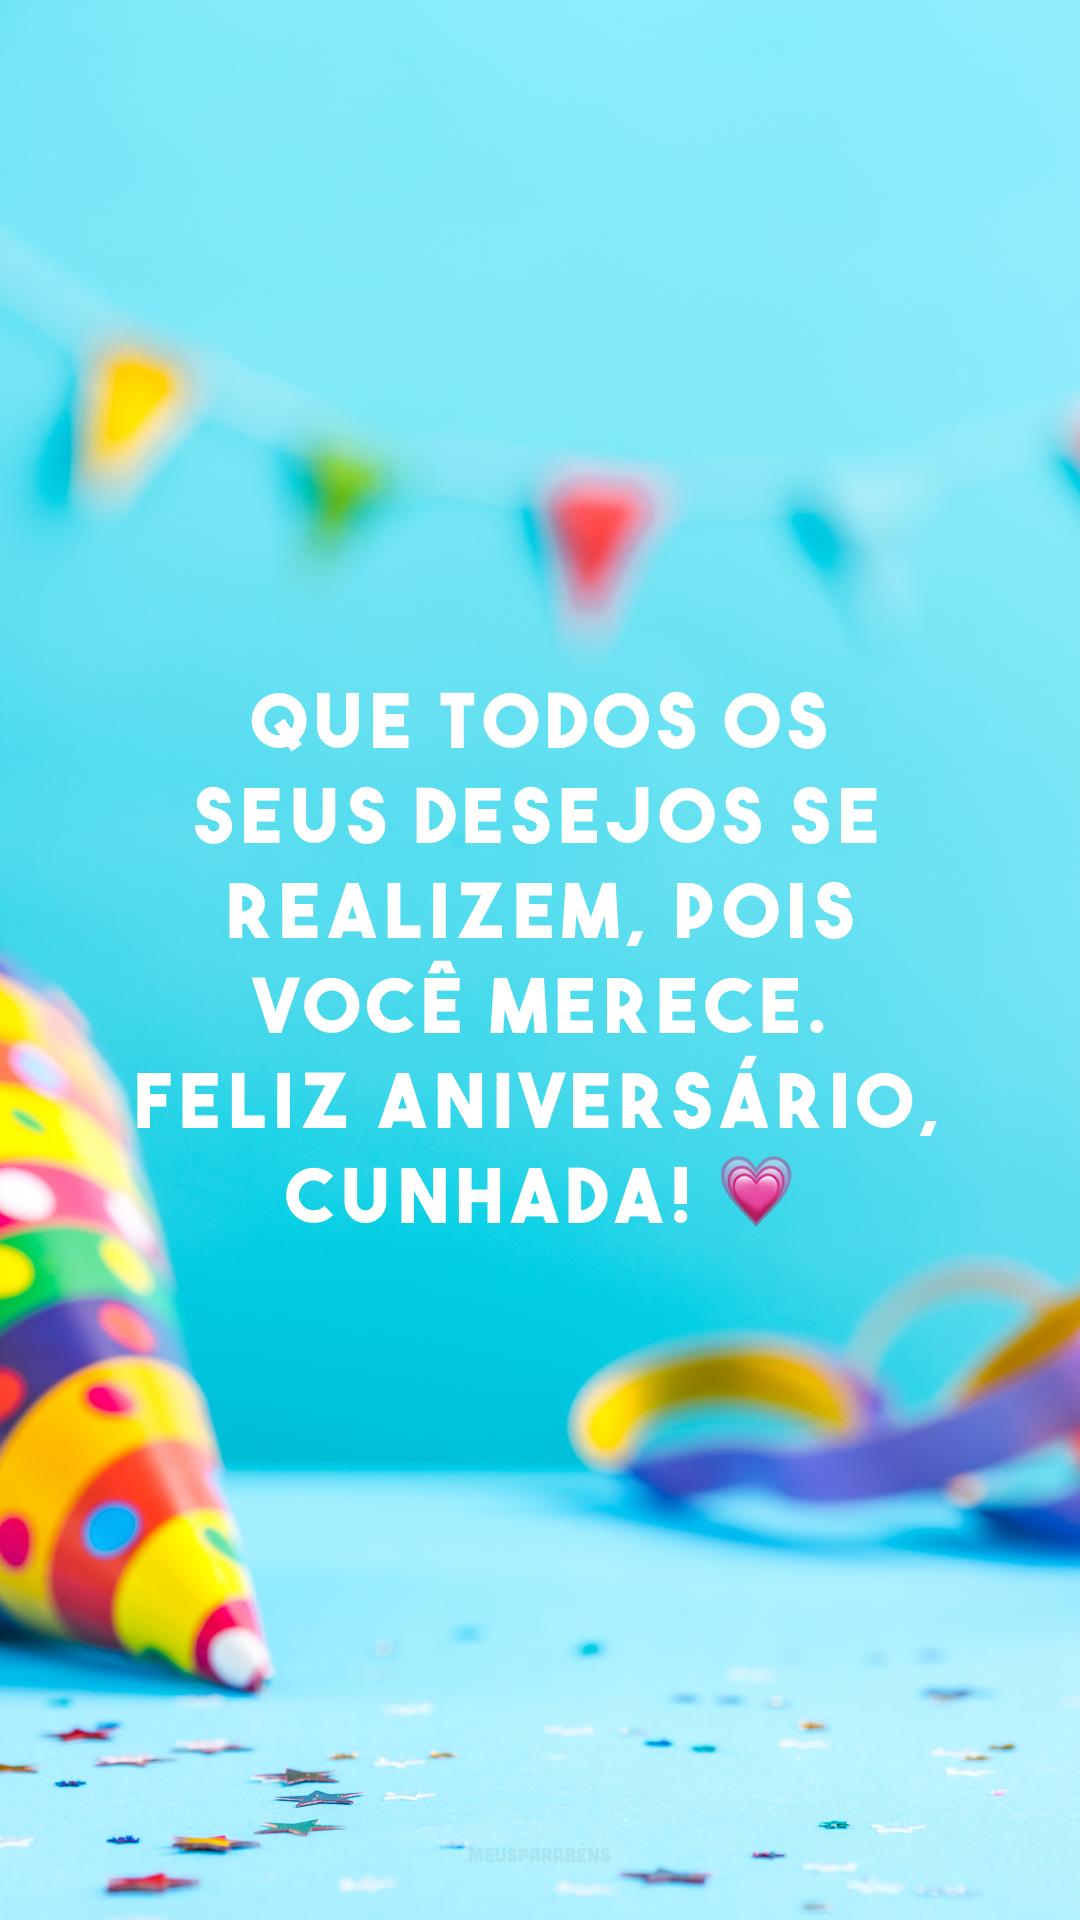 Que todos os seus desejos se realizem, pois você merece. Feliz aniversário, cunhada! 💗<br /> <br />